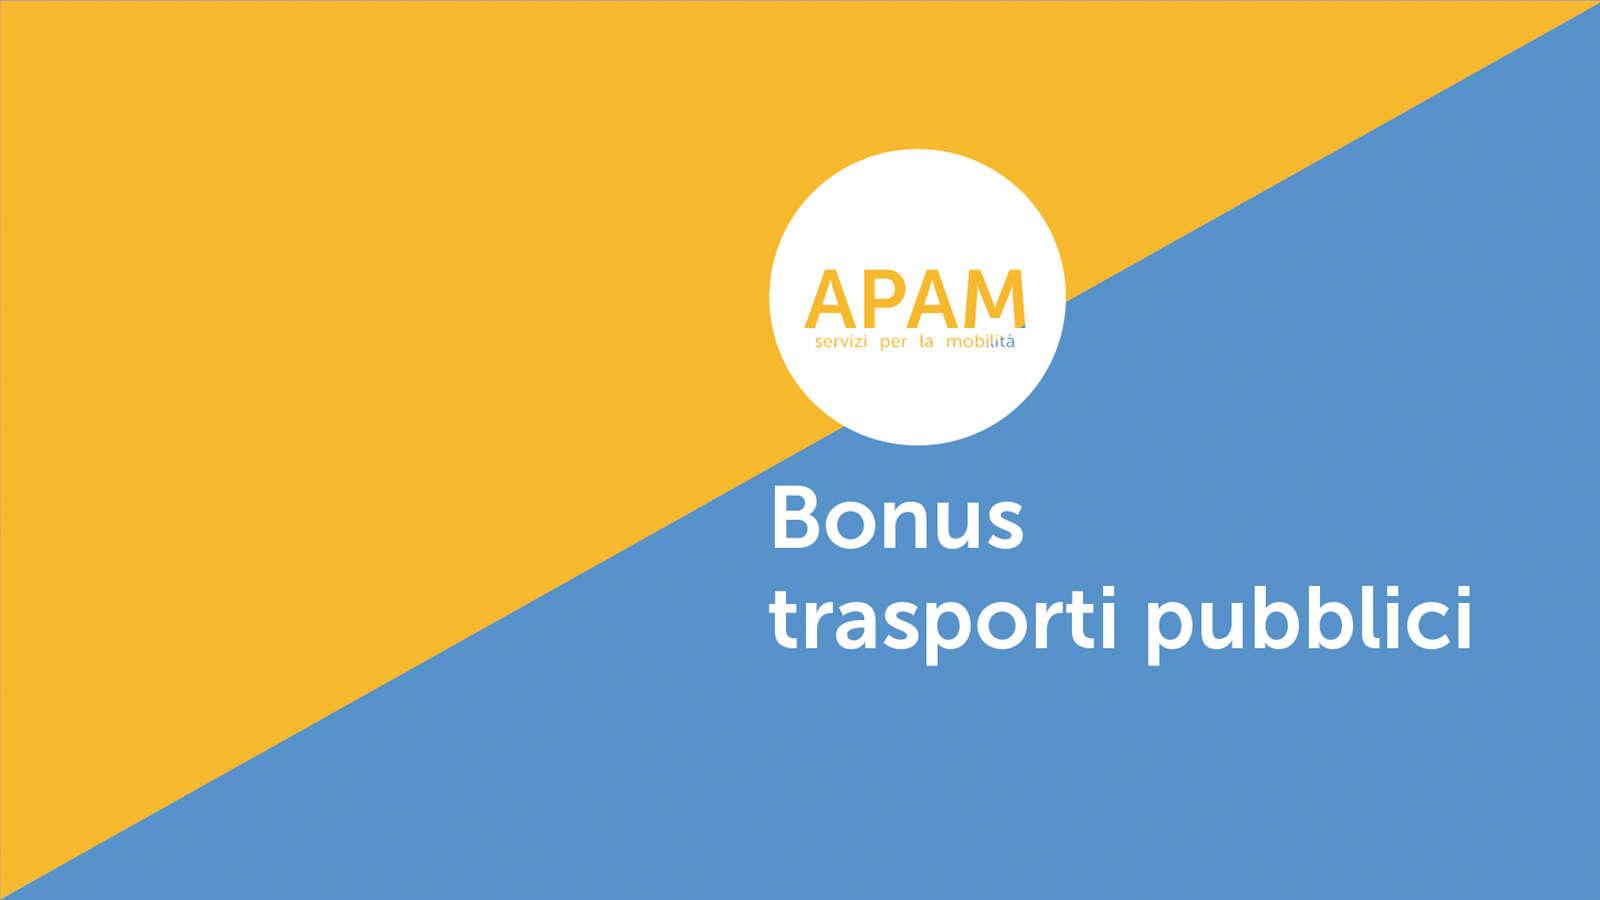 Detrazione fiscale per le spese del trasporto pubblico